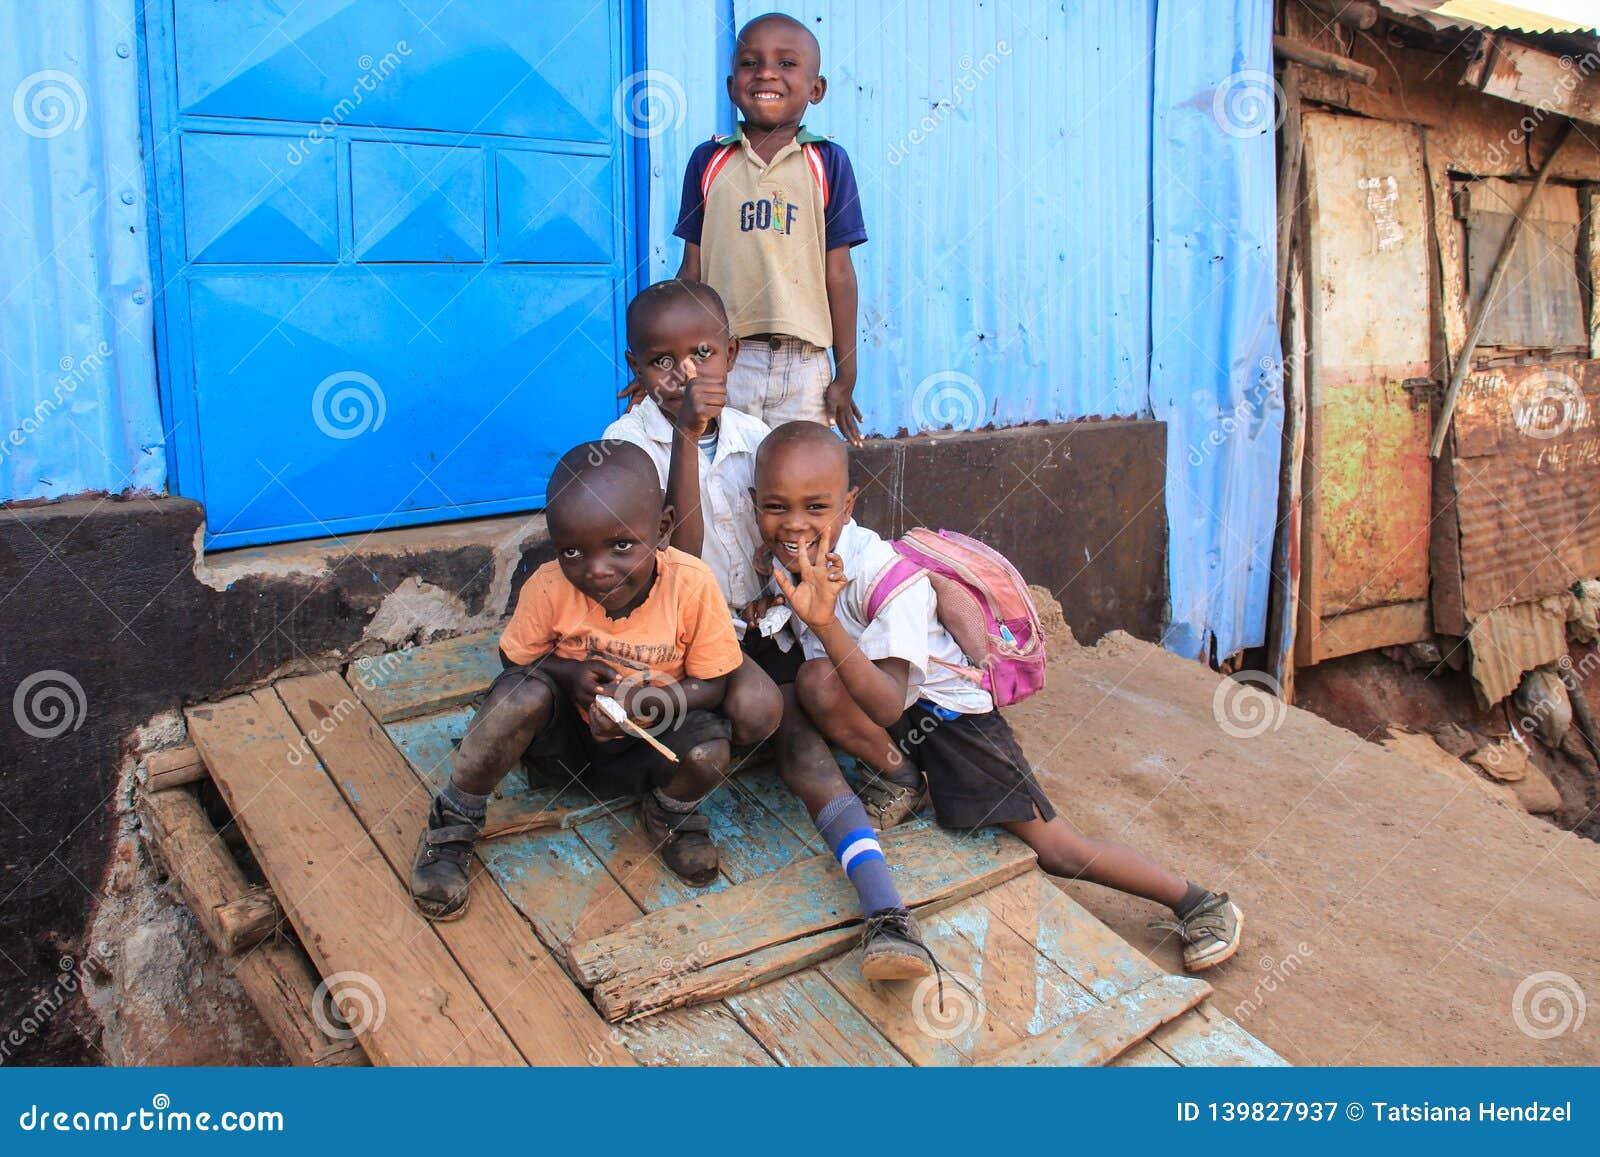 Μια ομάδα φτωχών παιδιών σε μια καλύβα ουδετεροποίησης στις τρώγλες